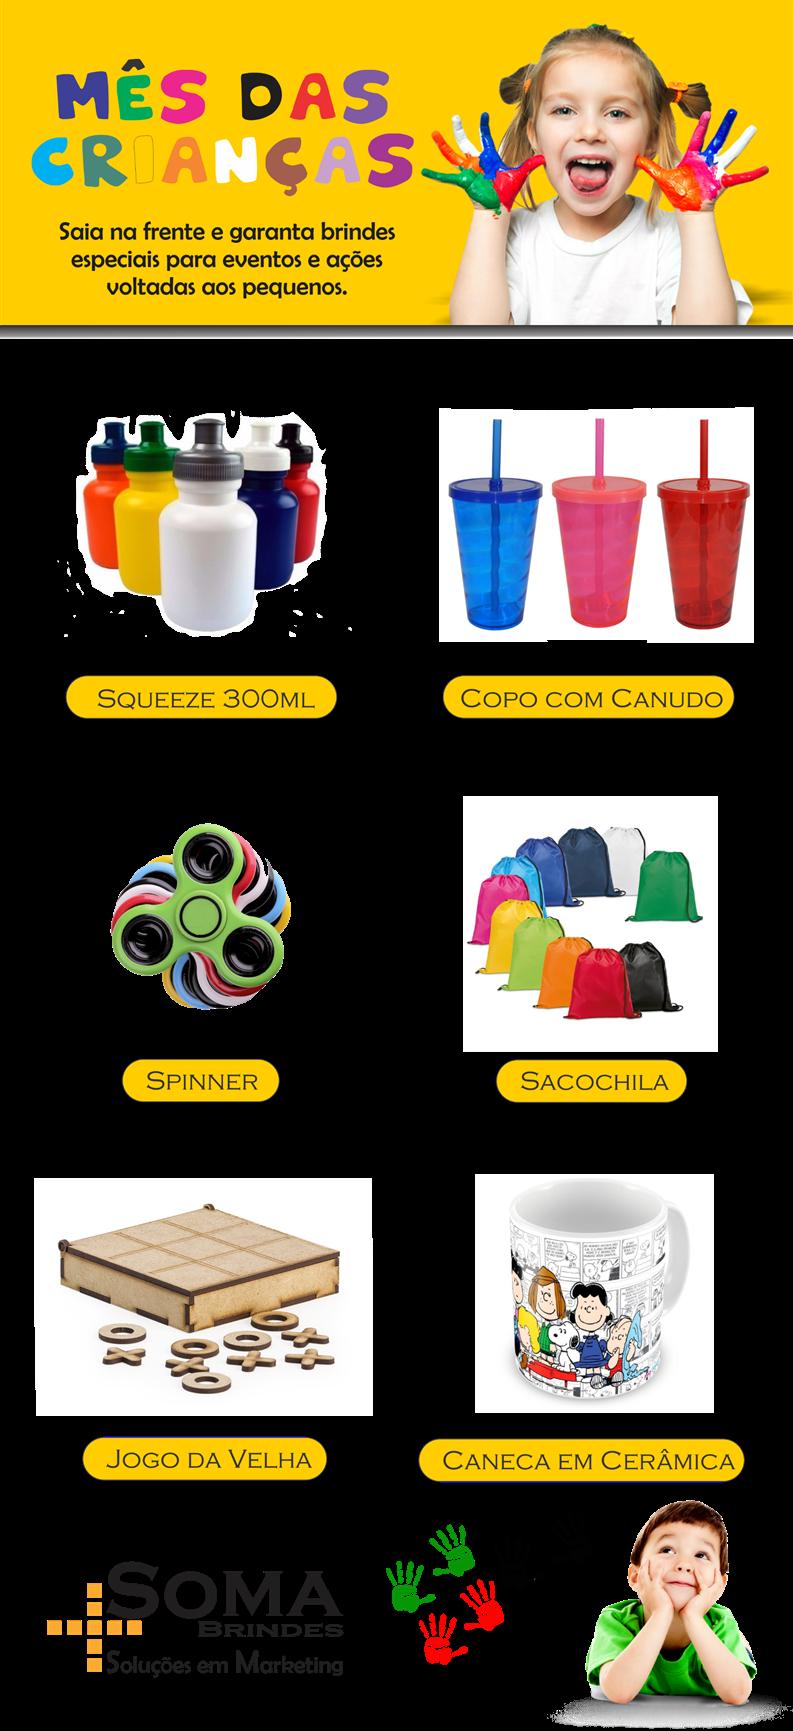 Temos uma ampla linha de produtos personalizáveis para animar o dia mais feliz do ano, seja um copo com canudo, spinner,  caneca em cerâmica, squeeze, jogo da velha, entre outros. Confira!